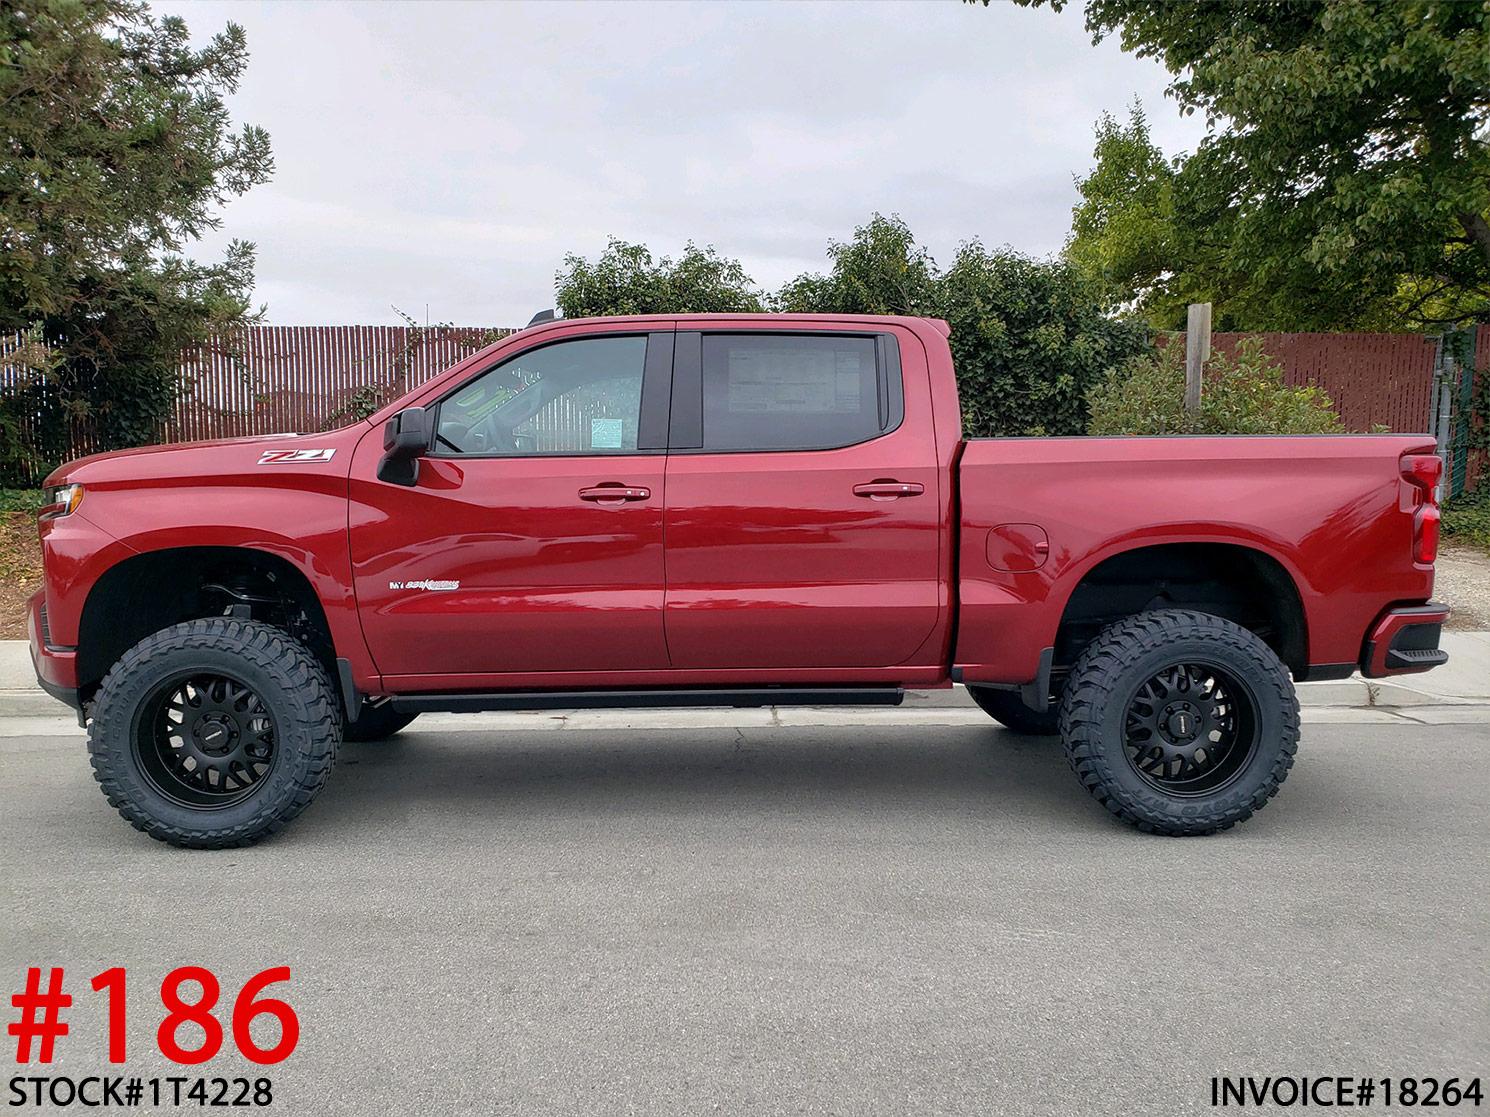 2019 CHEVY 1500 CREW CAB #1T4228